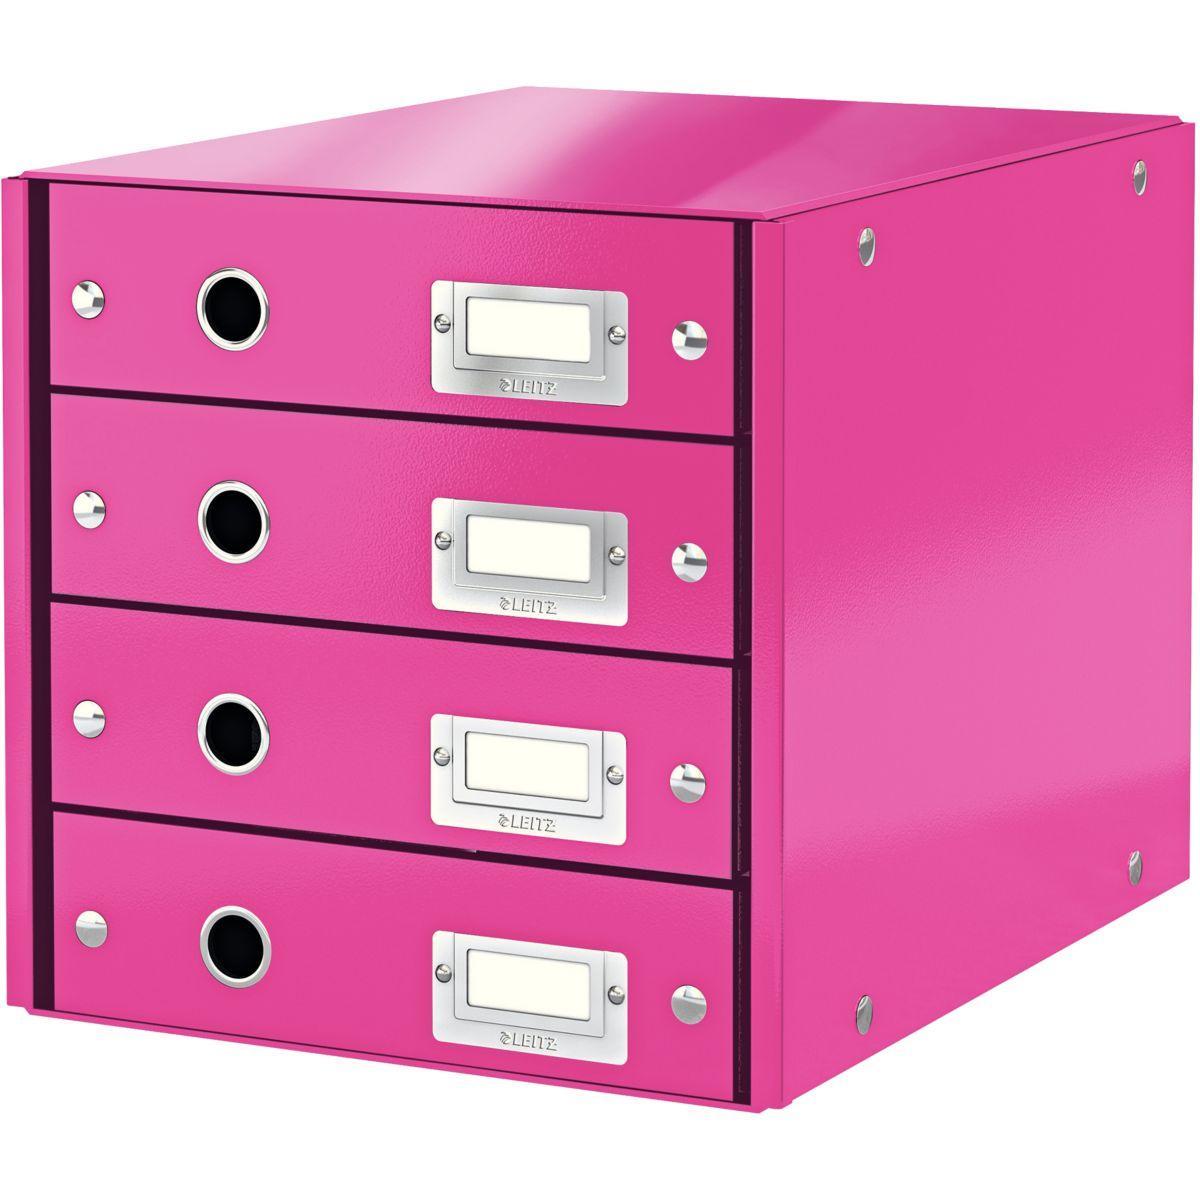 Bloc tiroir leitz bloc de classement wow 4 tiroirs rose - 2% de remise imm�diate avec le code : automne2 (photo)